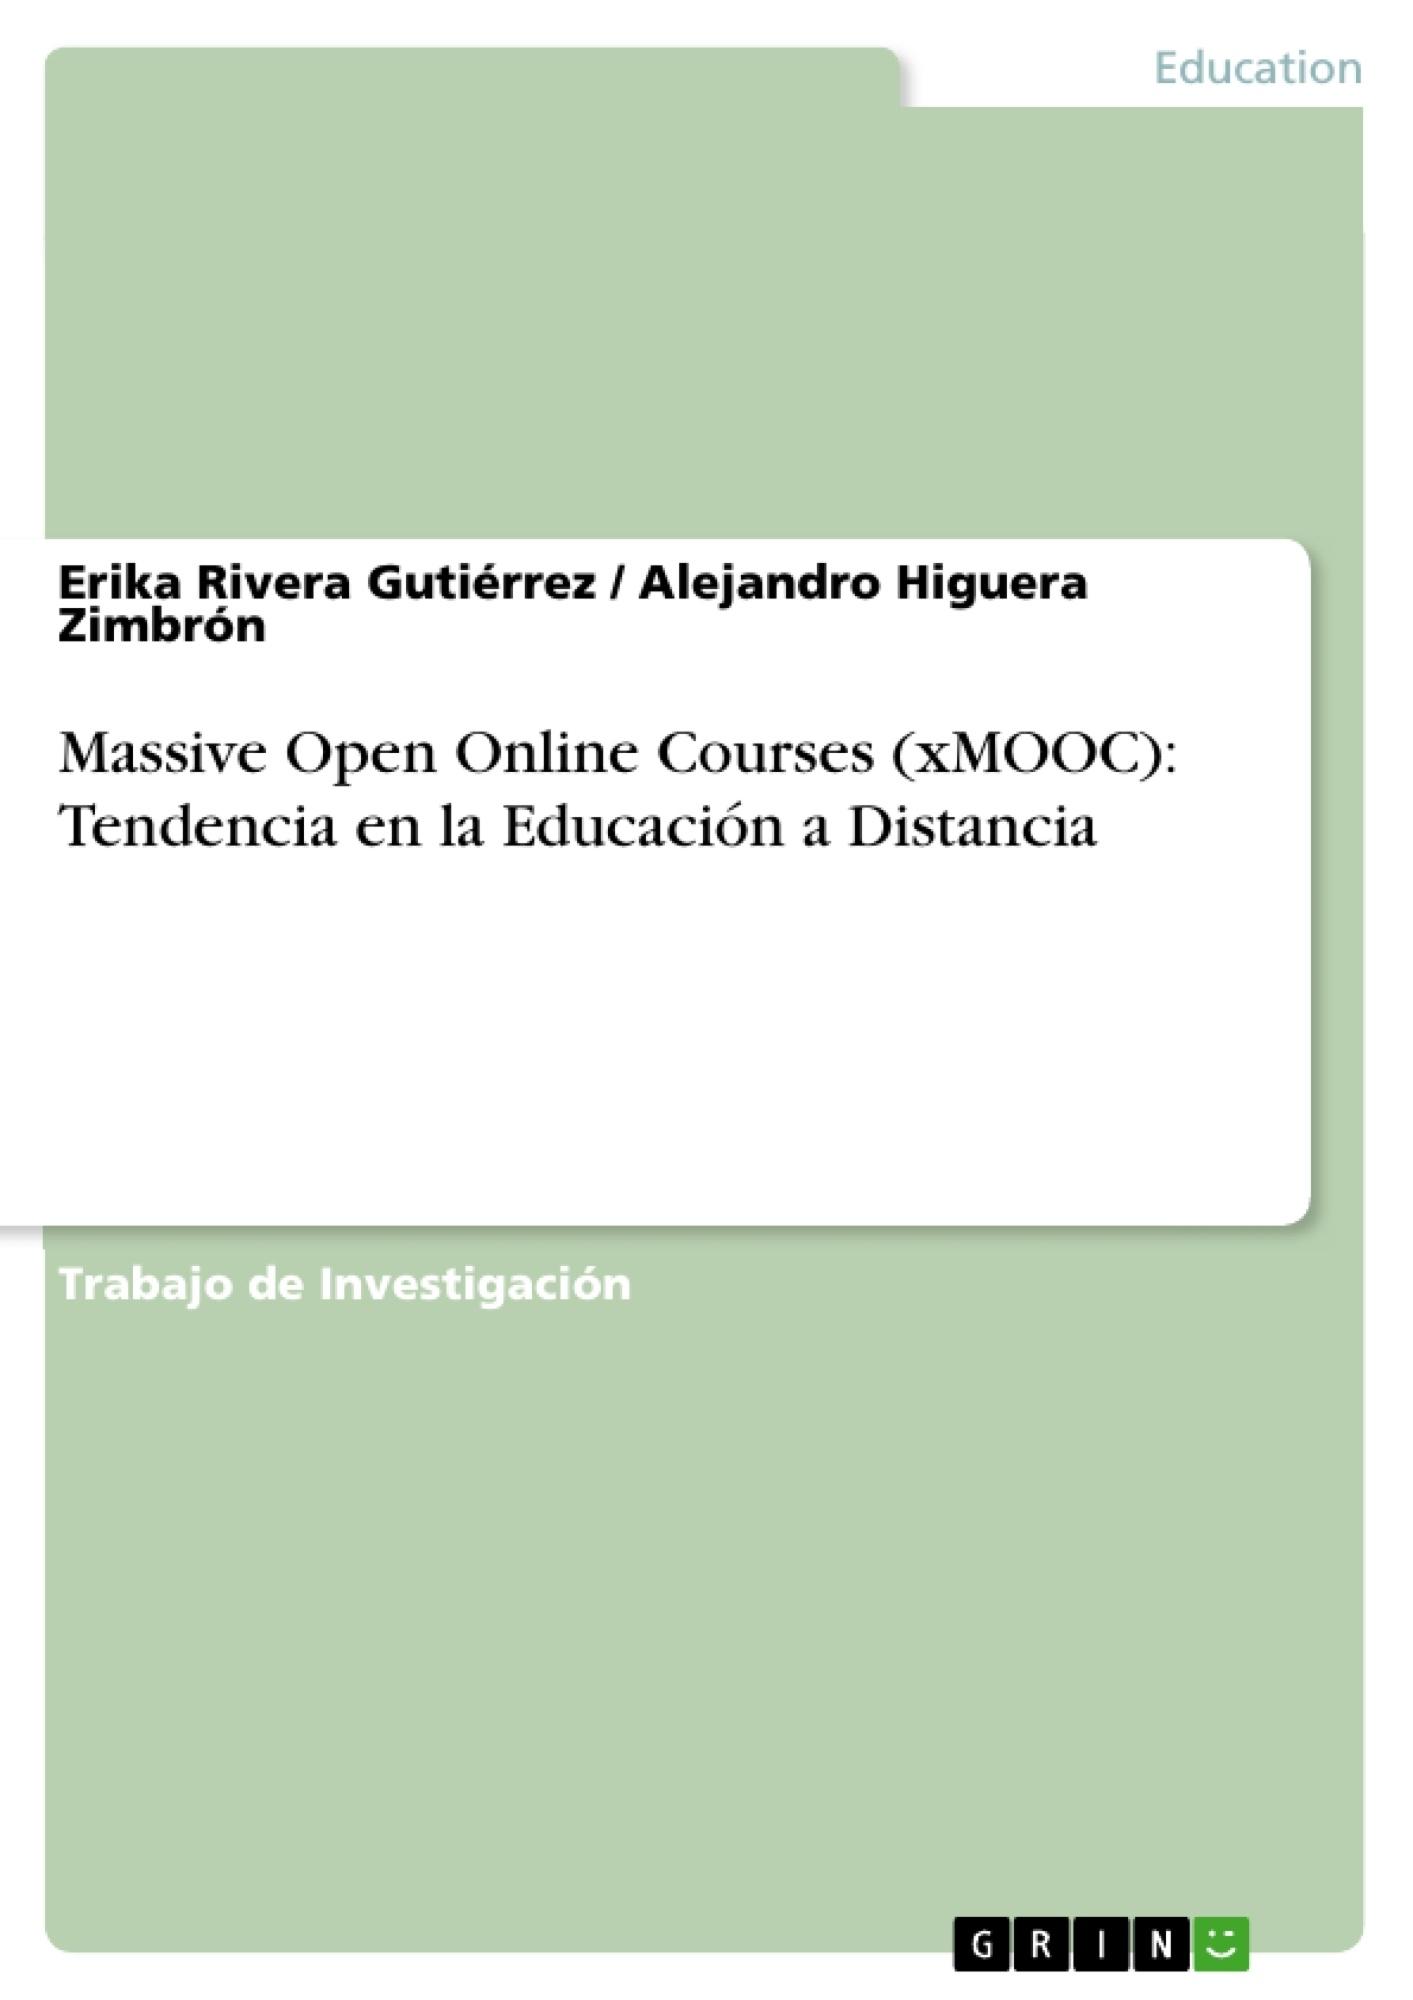 Título: Massive Open Online Courses (xMOOC): Tendencia en la Educación a Distancia